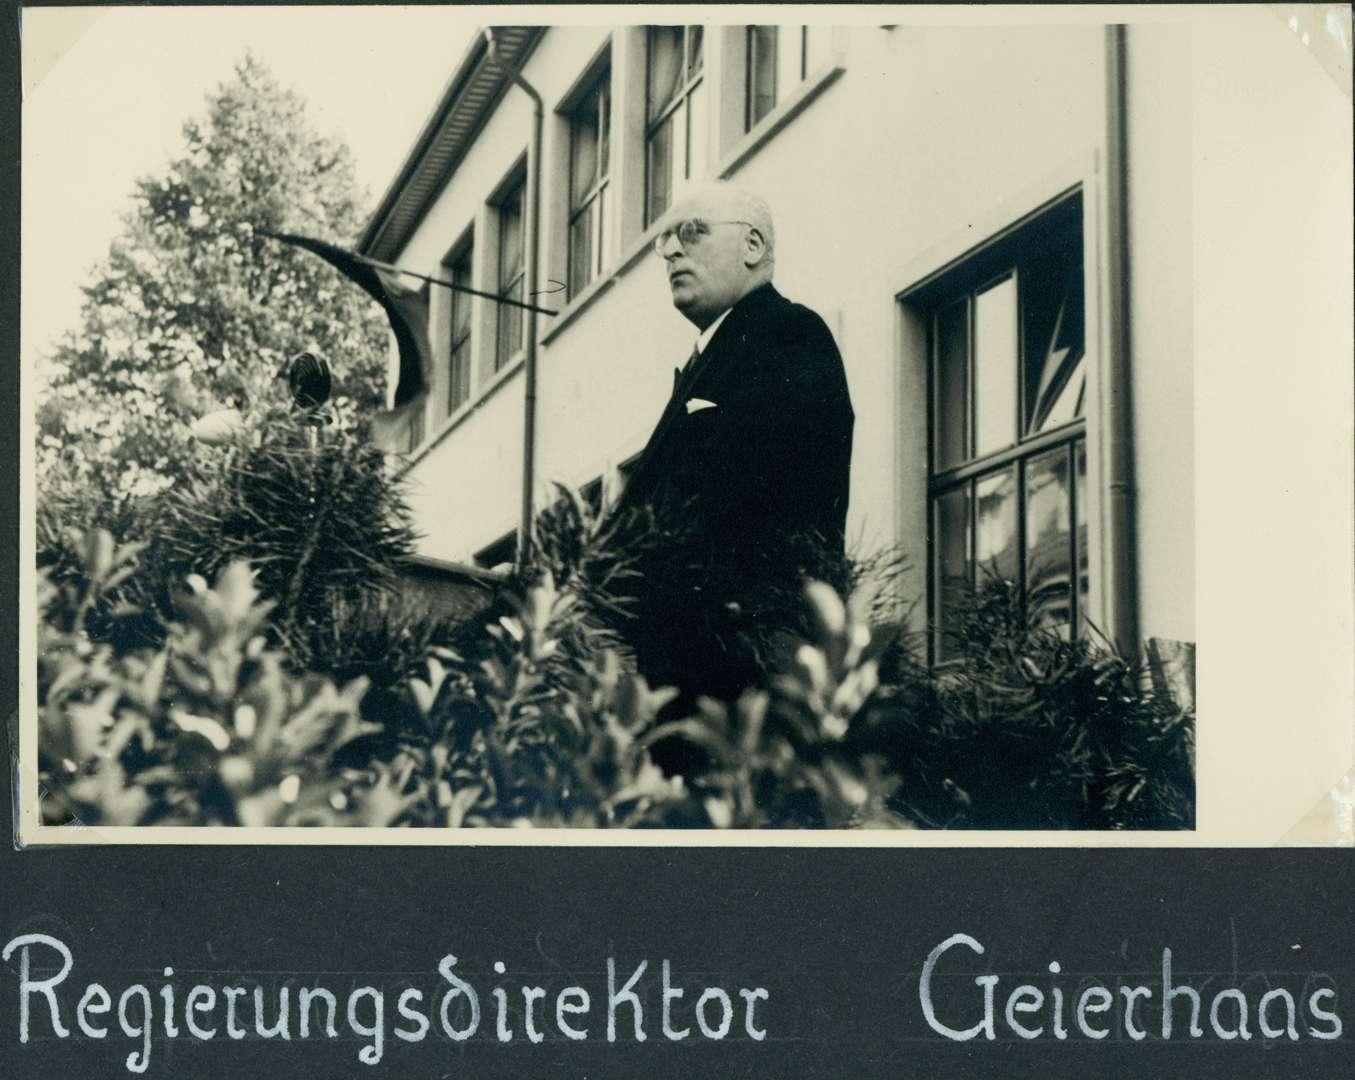 [Schulhausneubau in Brühl: Ansprache von] Regierungsdirektor Geierhaas, Bild 1